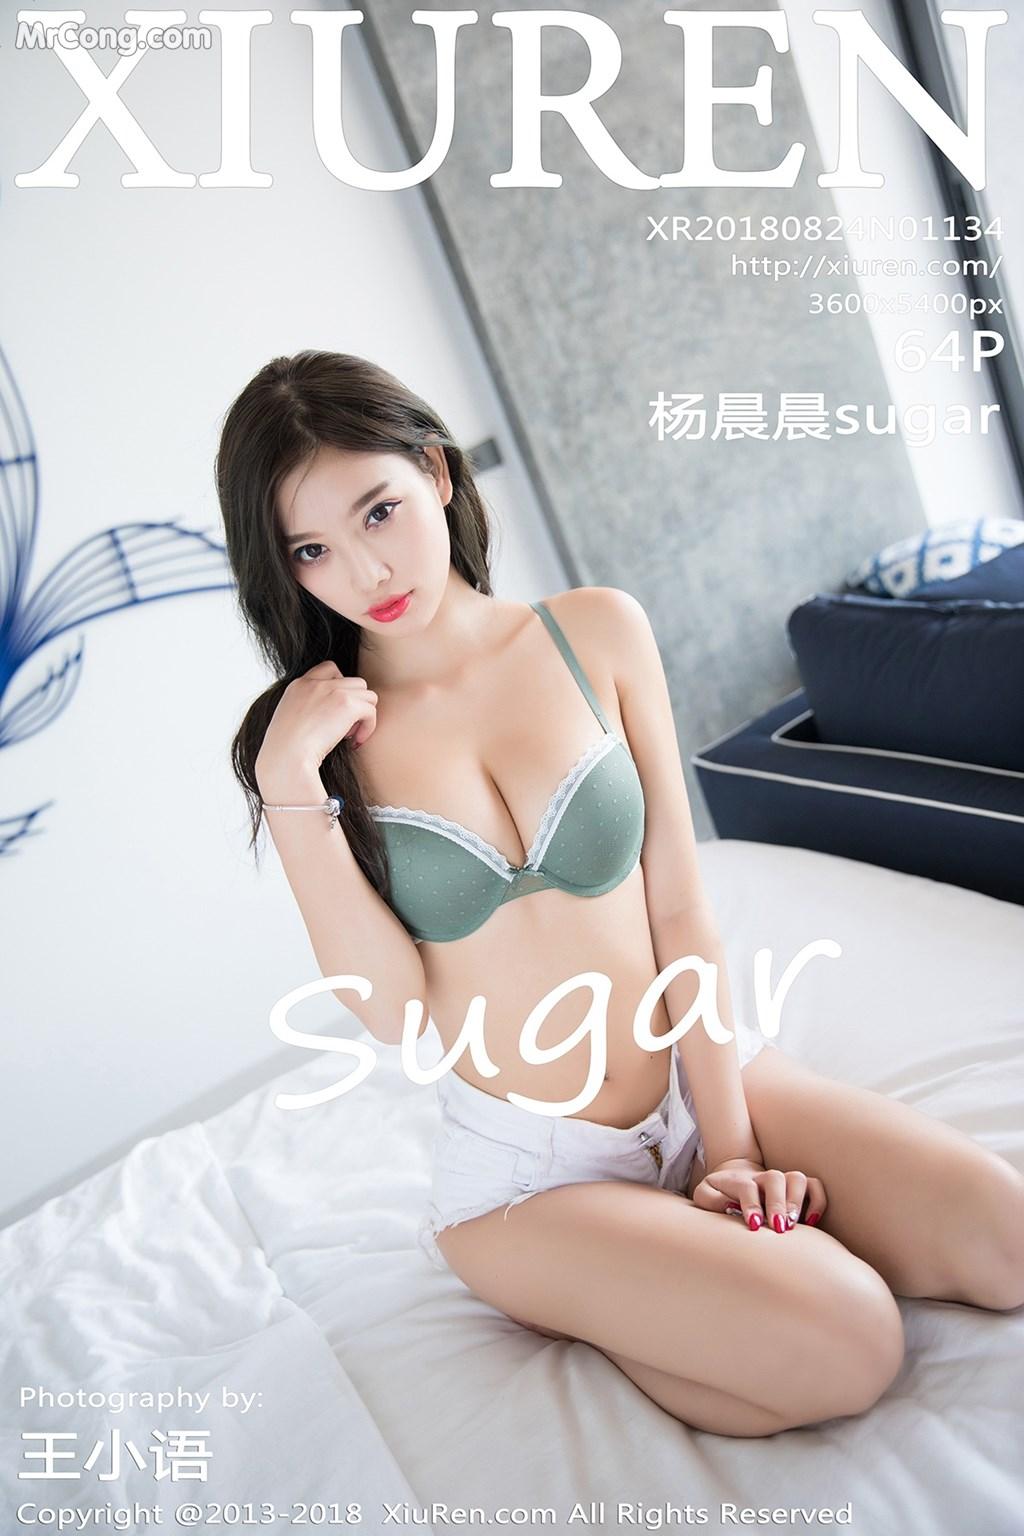 XIUREN No.1134: Người mẫu Yang Chen Chen (杨晨晨sugar) (65 ảnh)